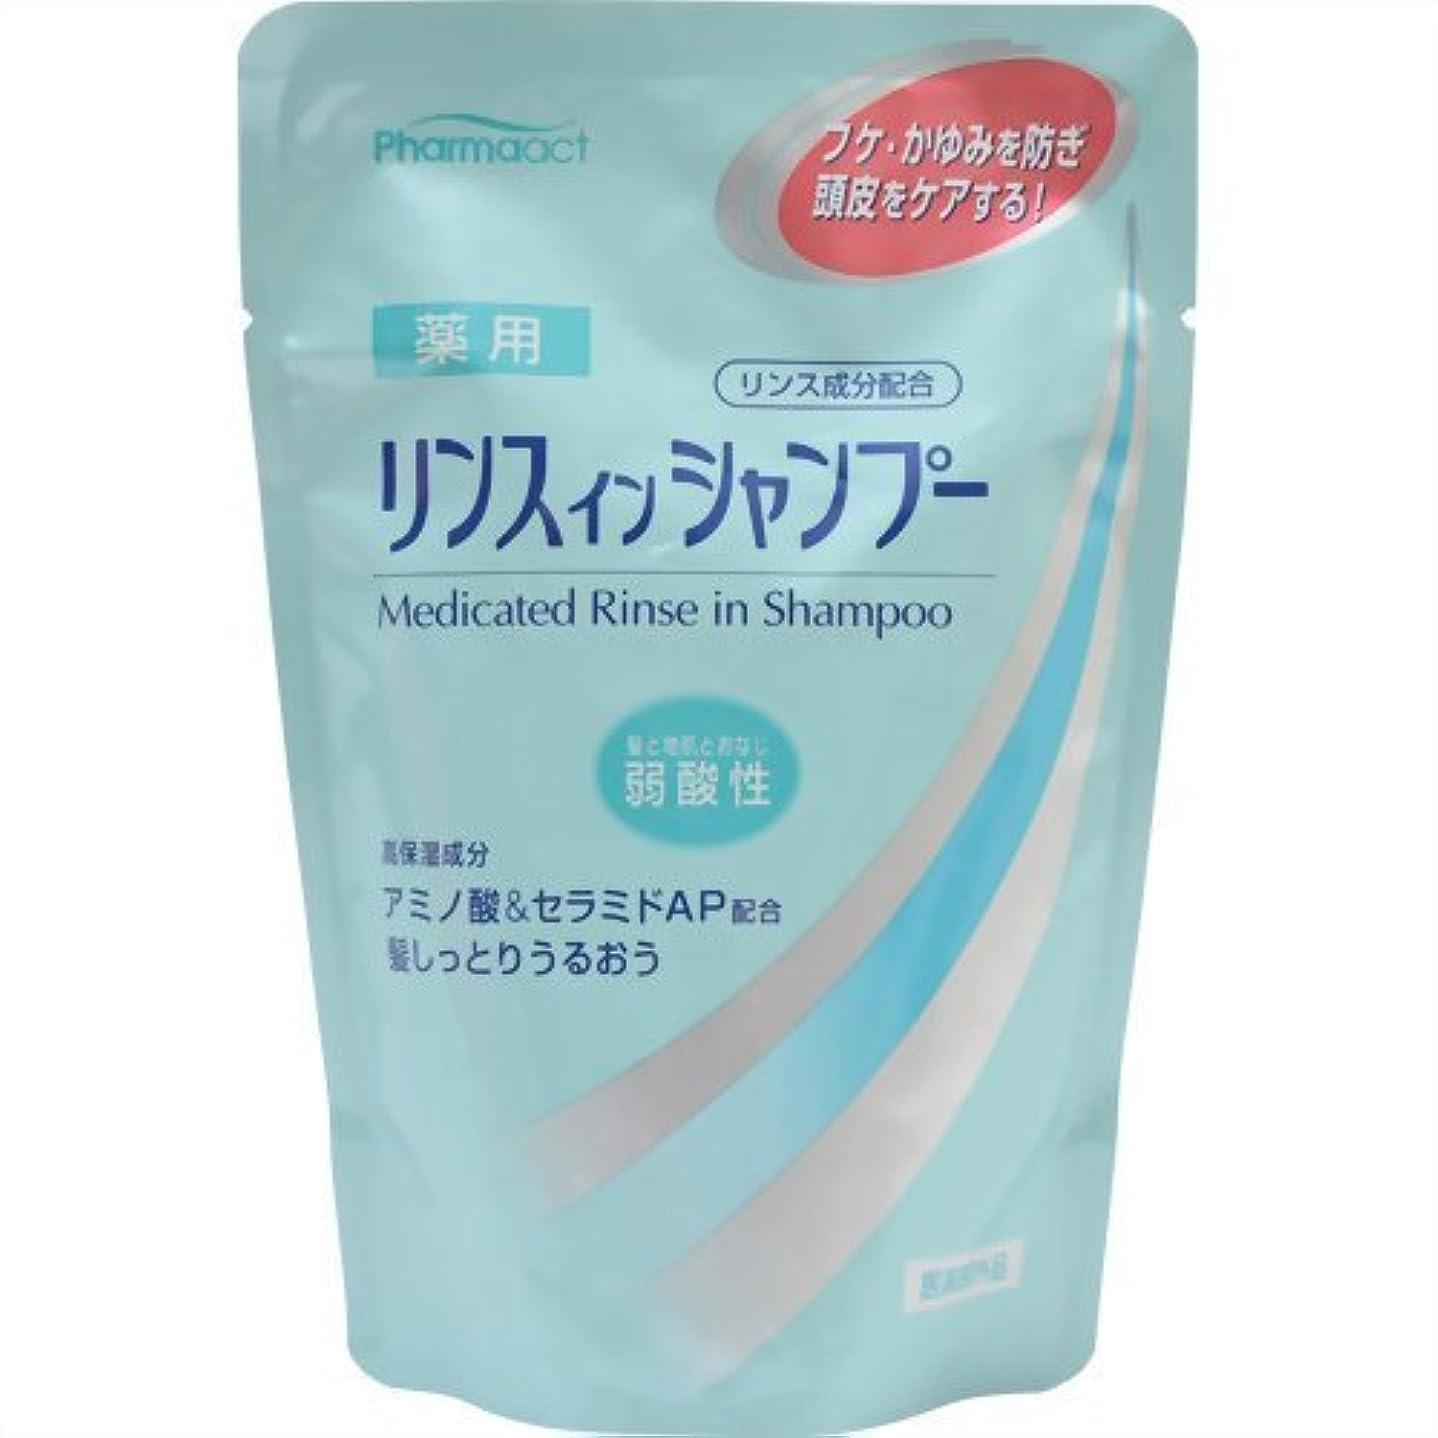 カエル息子より熊野油脂 ファーマアクト 薬用リンス 詰替用 350ml